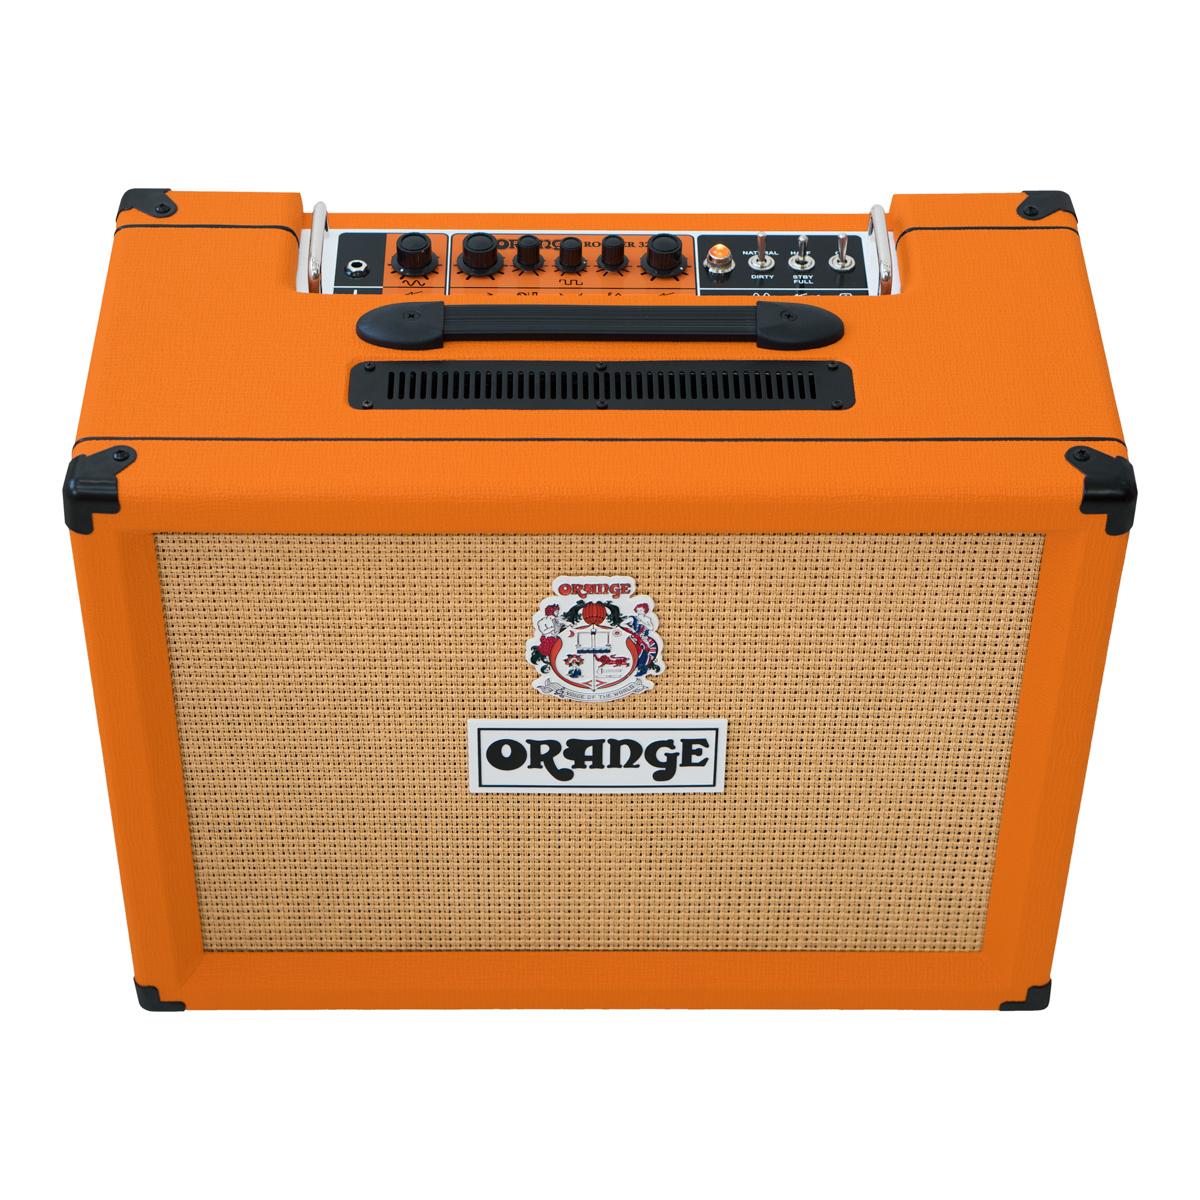 Orange Rocker 32 kitarakombo tuotekuva.